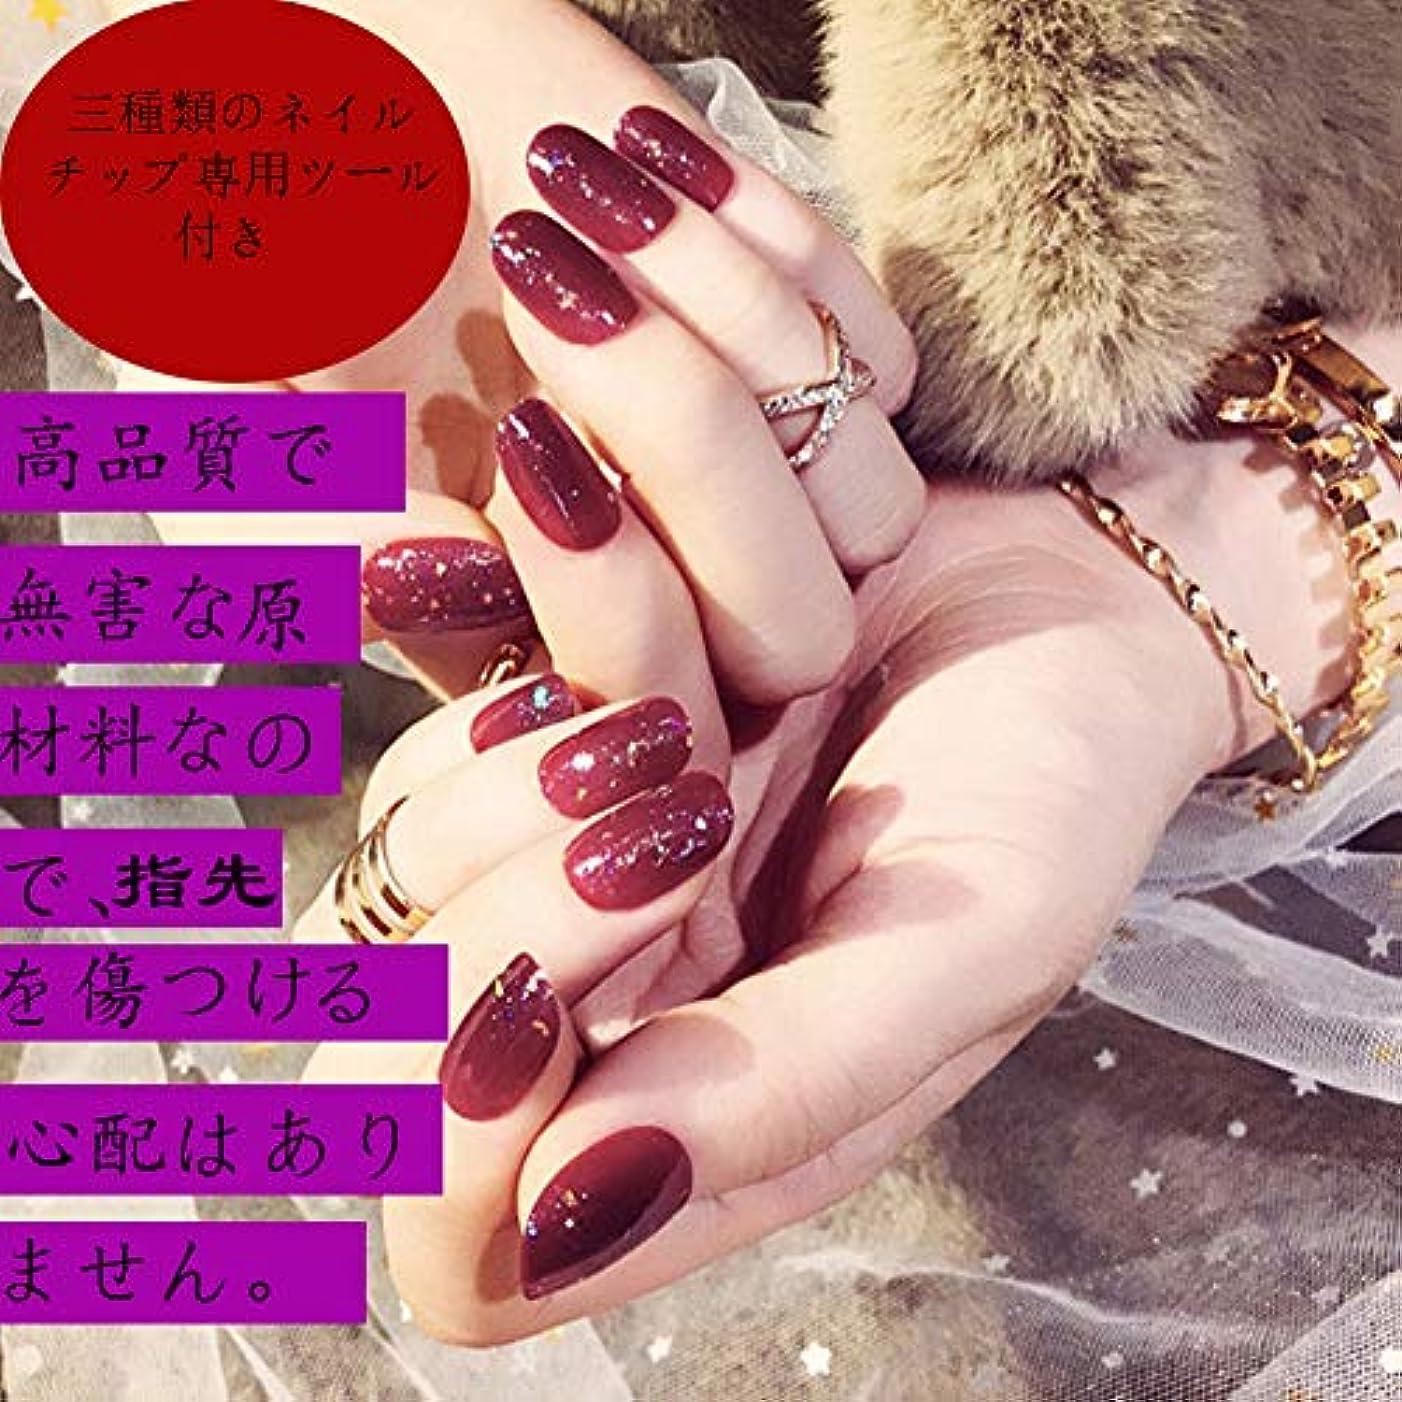 ゆるくマルコポーロモーターHuangHM小悪魔系キレイ魅せネイルチップ ライトセラピー人体に无害上品 ヌーディ グラマラスクール ネイルチップ つけ爪なかっこいい系 付け爪 簡単便利な付け爪 エレガント 和柄着物和装成人式にも